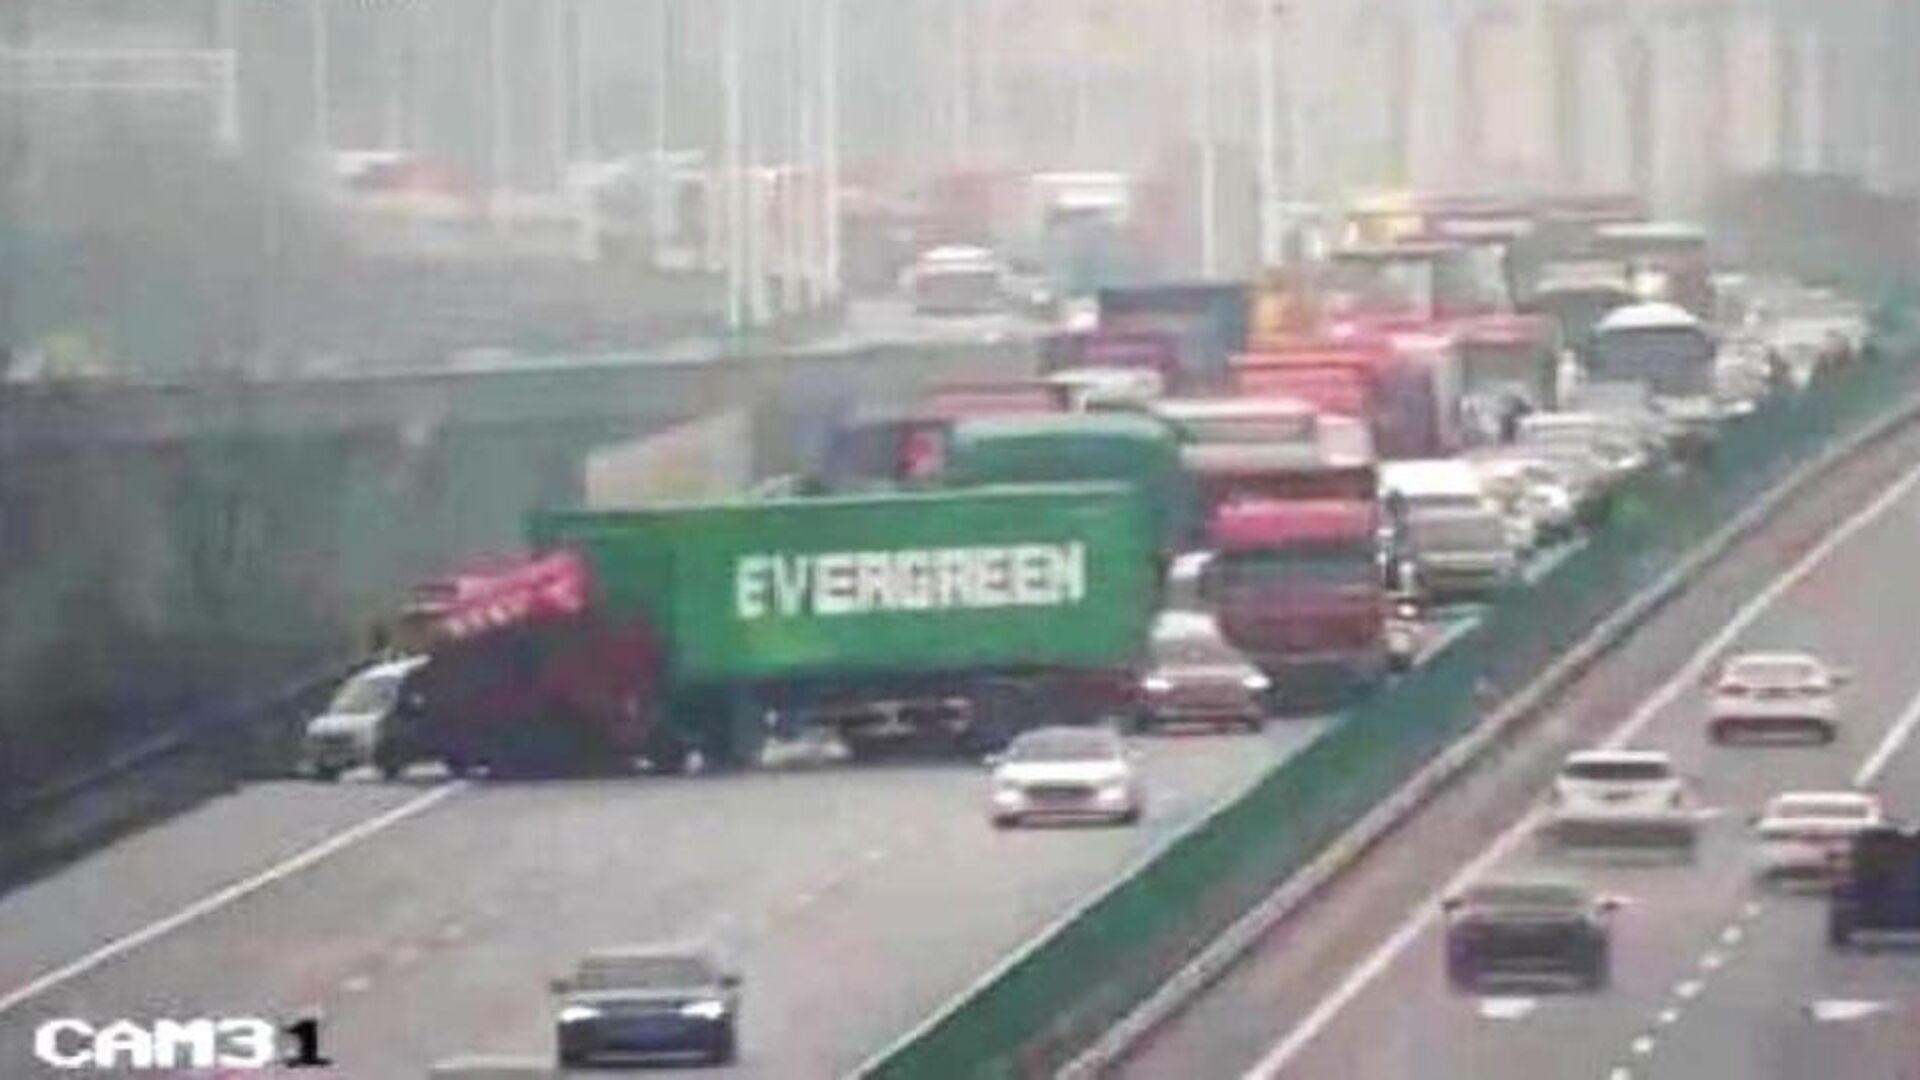 Грузовик фирмы Evergreen на автомагистрали в Китае. Кадр с камеры видеонаблюдения - РИА Новости, 1920, 28.03.2021